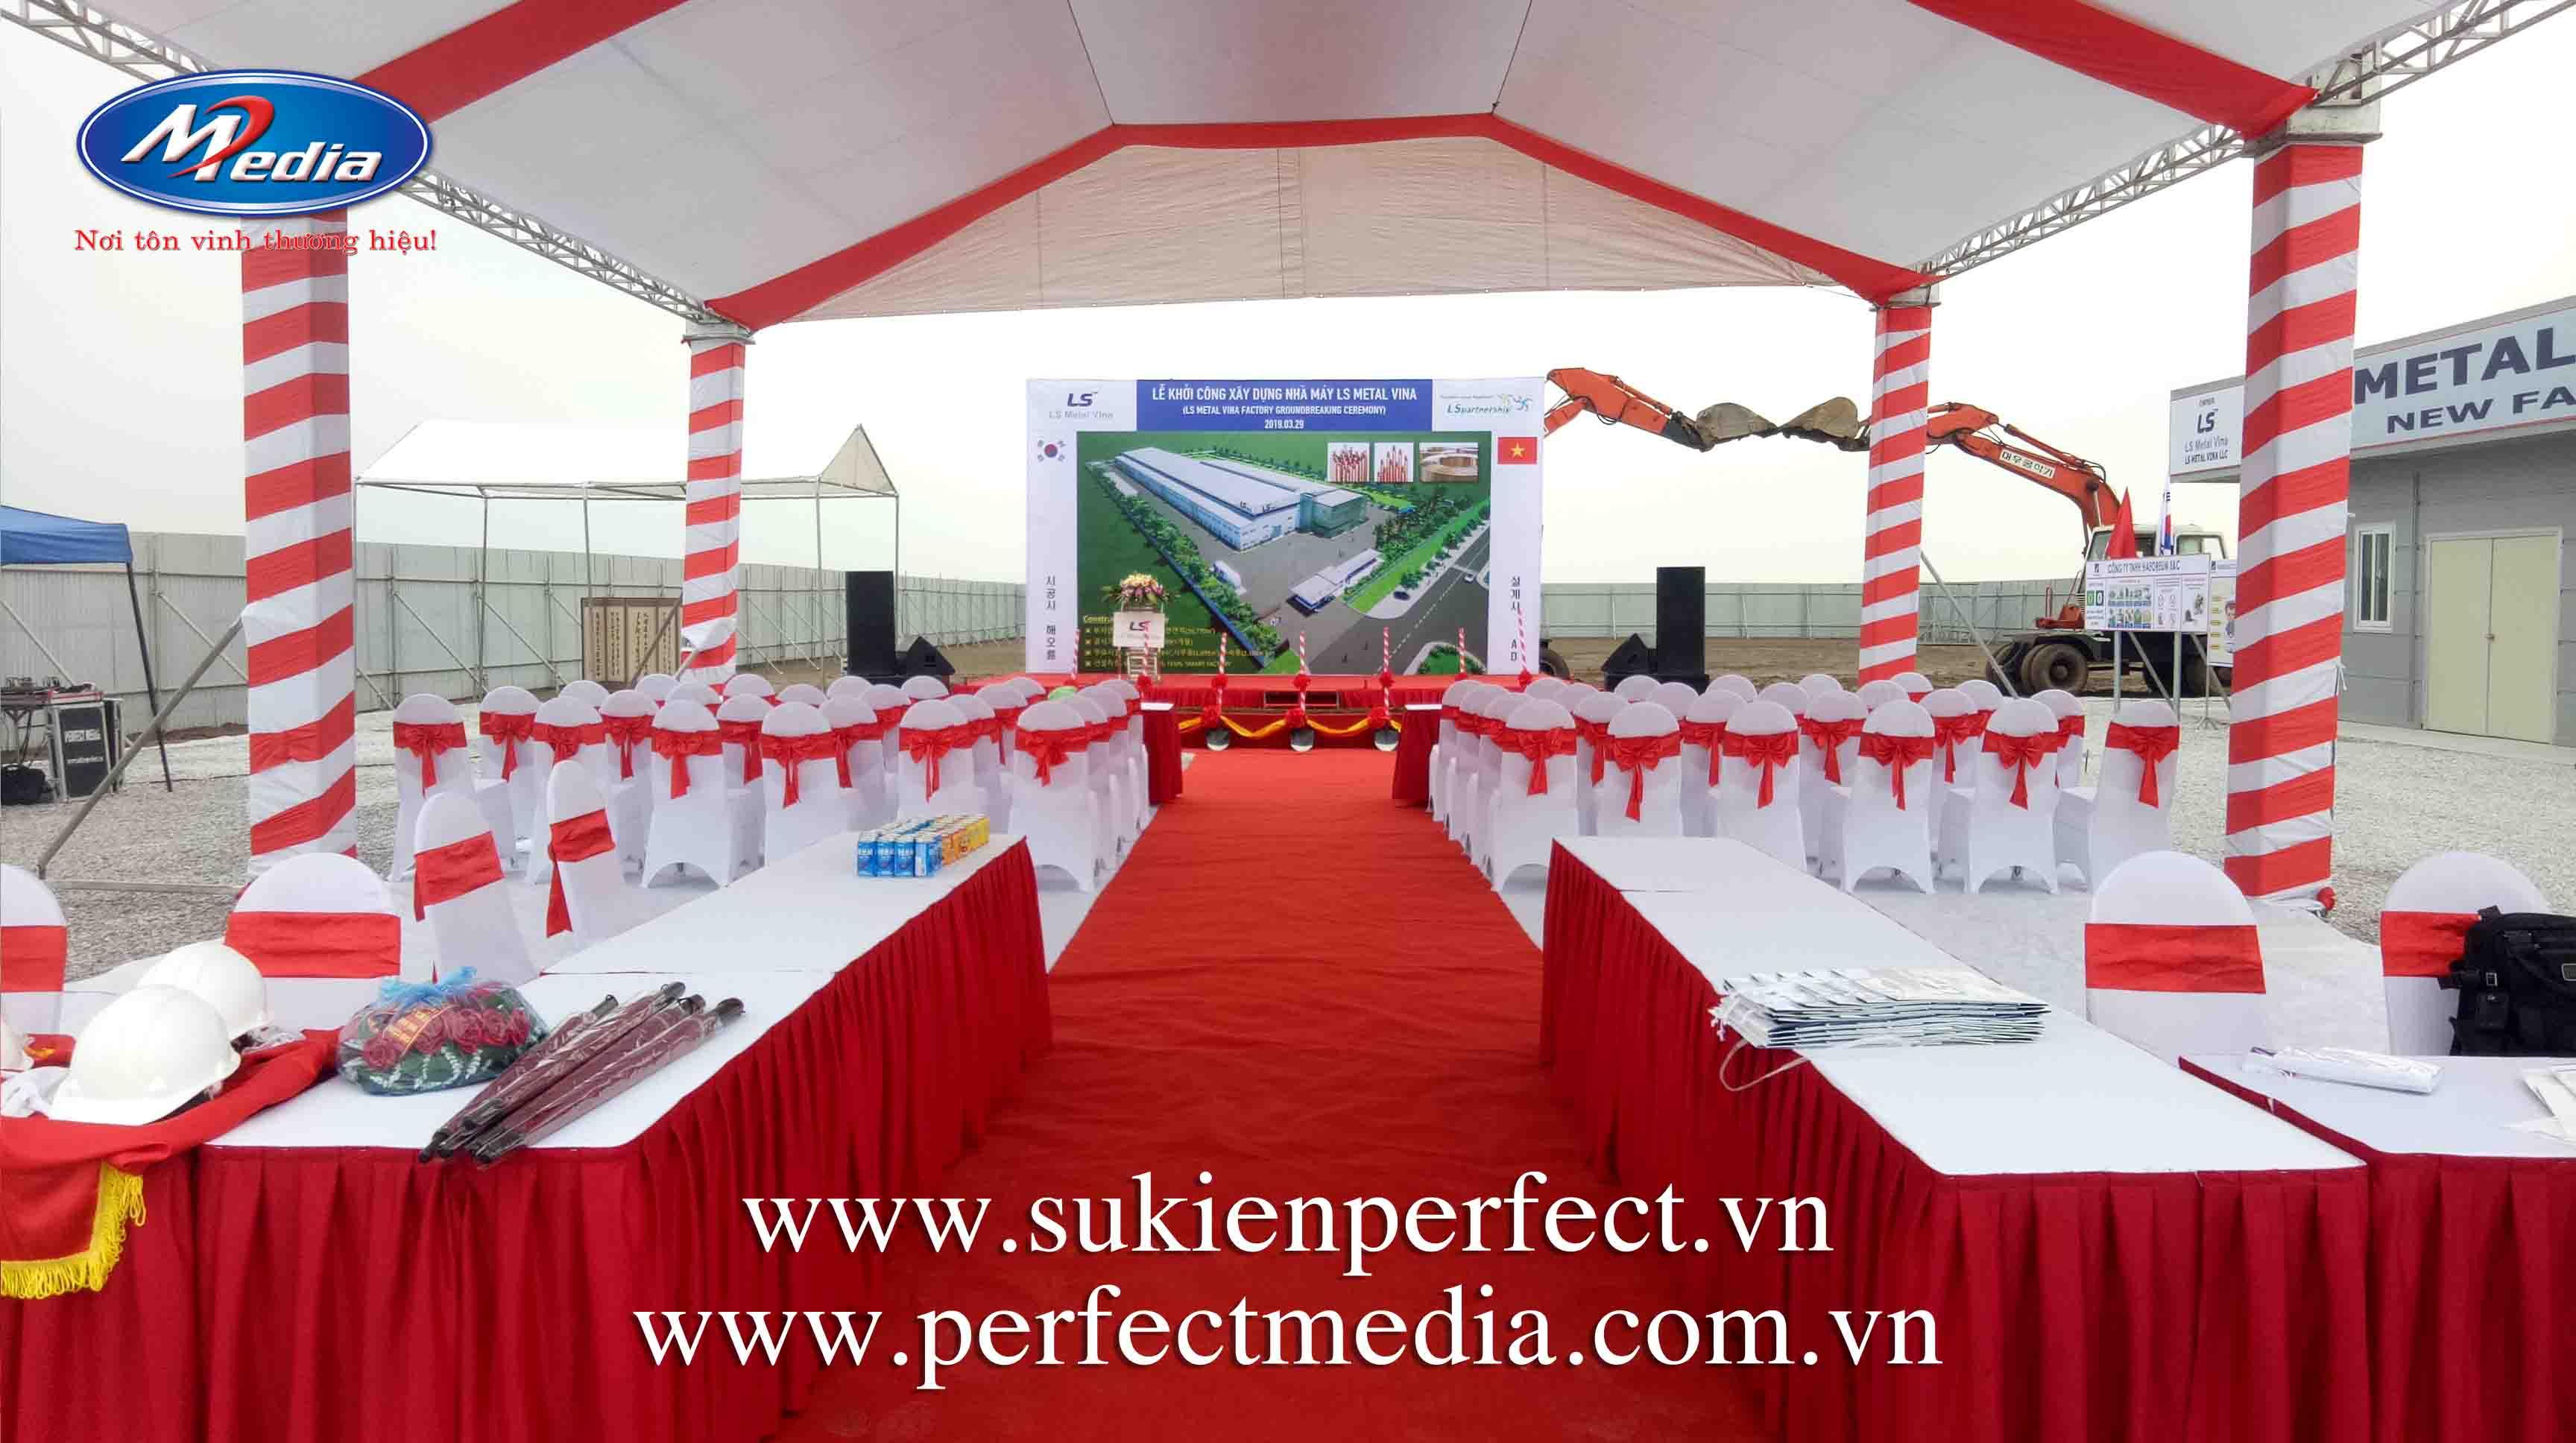 Công ty truyền thông & tổ chức sự kiện Perfect Media là đơn vị thực hiện trọn gói sự kiện Lễ khởi công xây dựng Nhà máy LS Metal Vina tại Hải Phòng